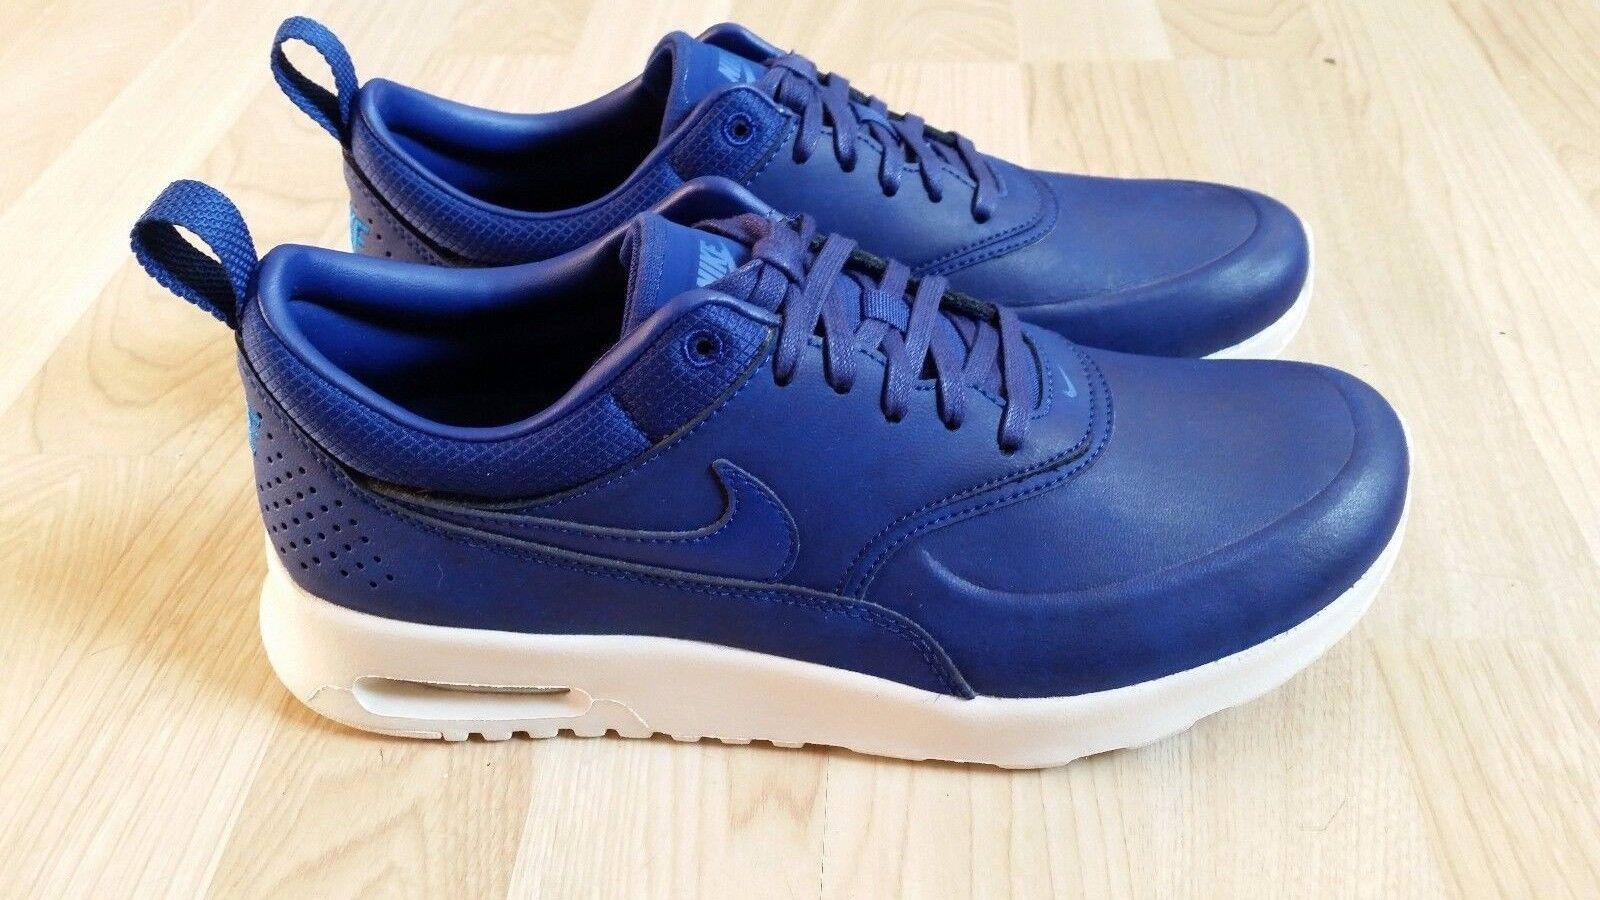 Nike Air Max Thea Premium de footlocker UK 4.5/5/5.5/6/6.5/7